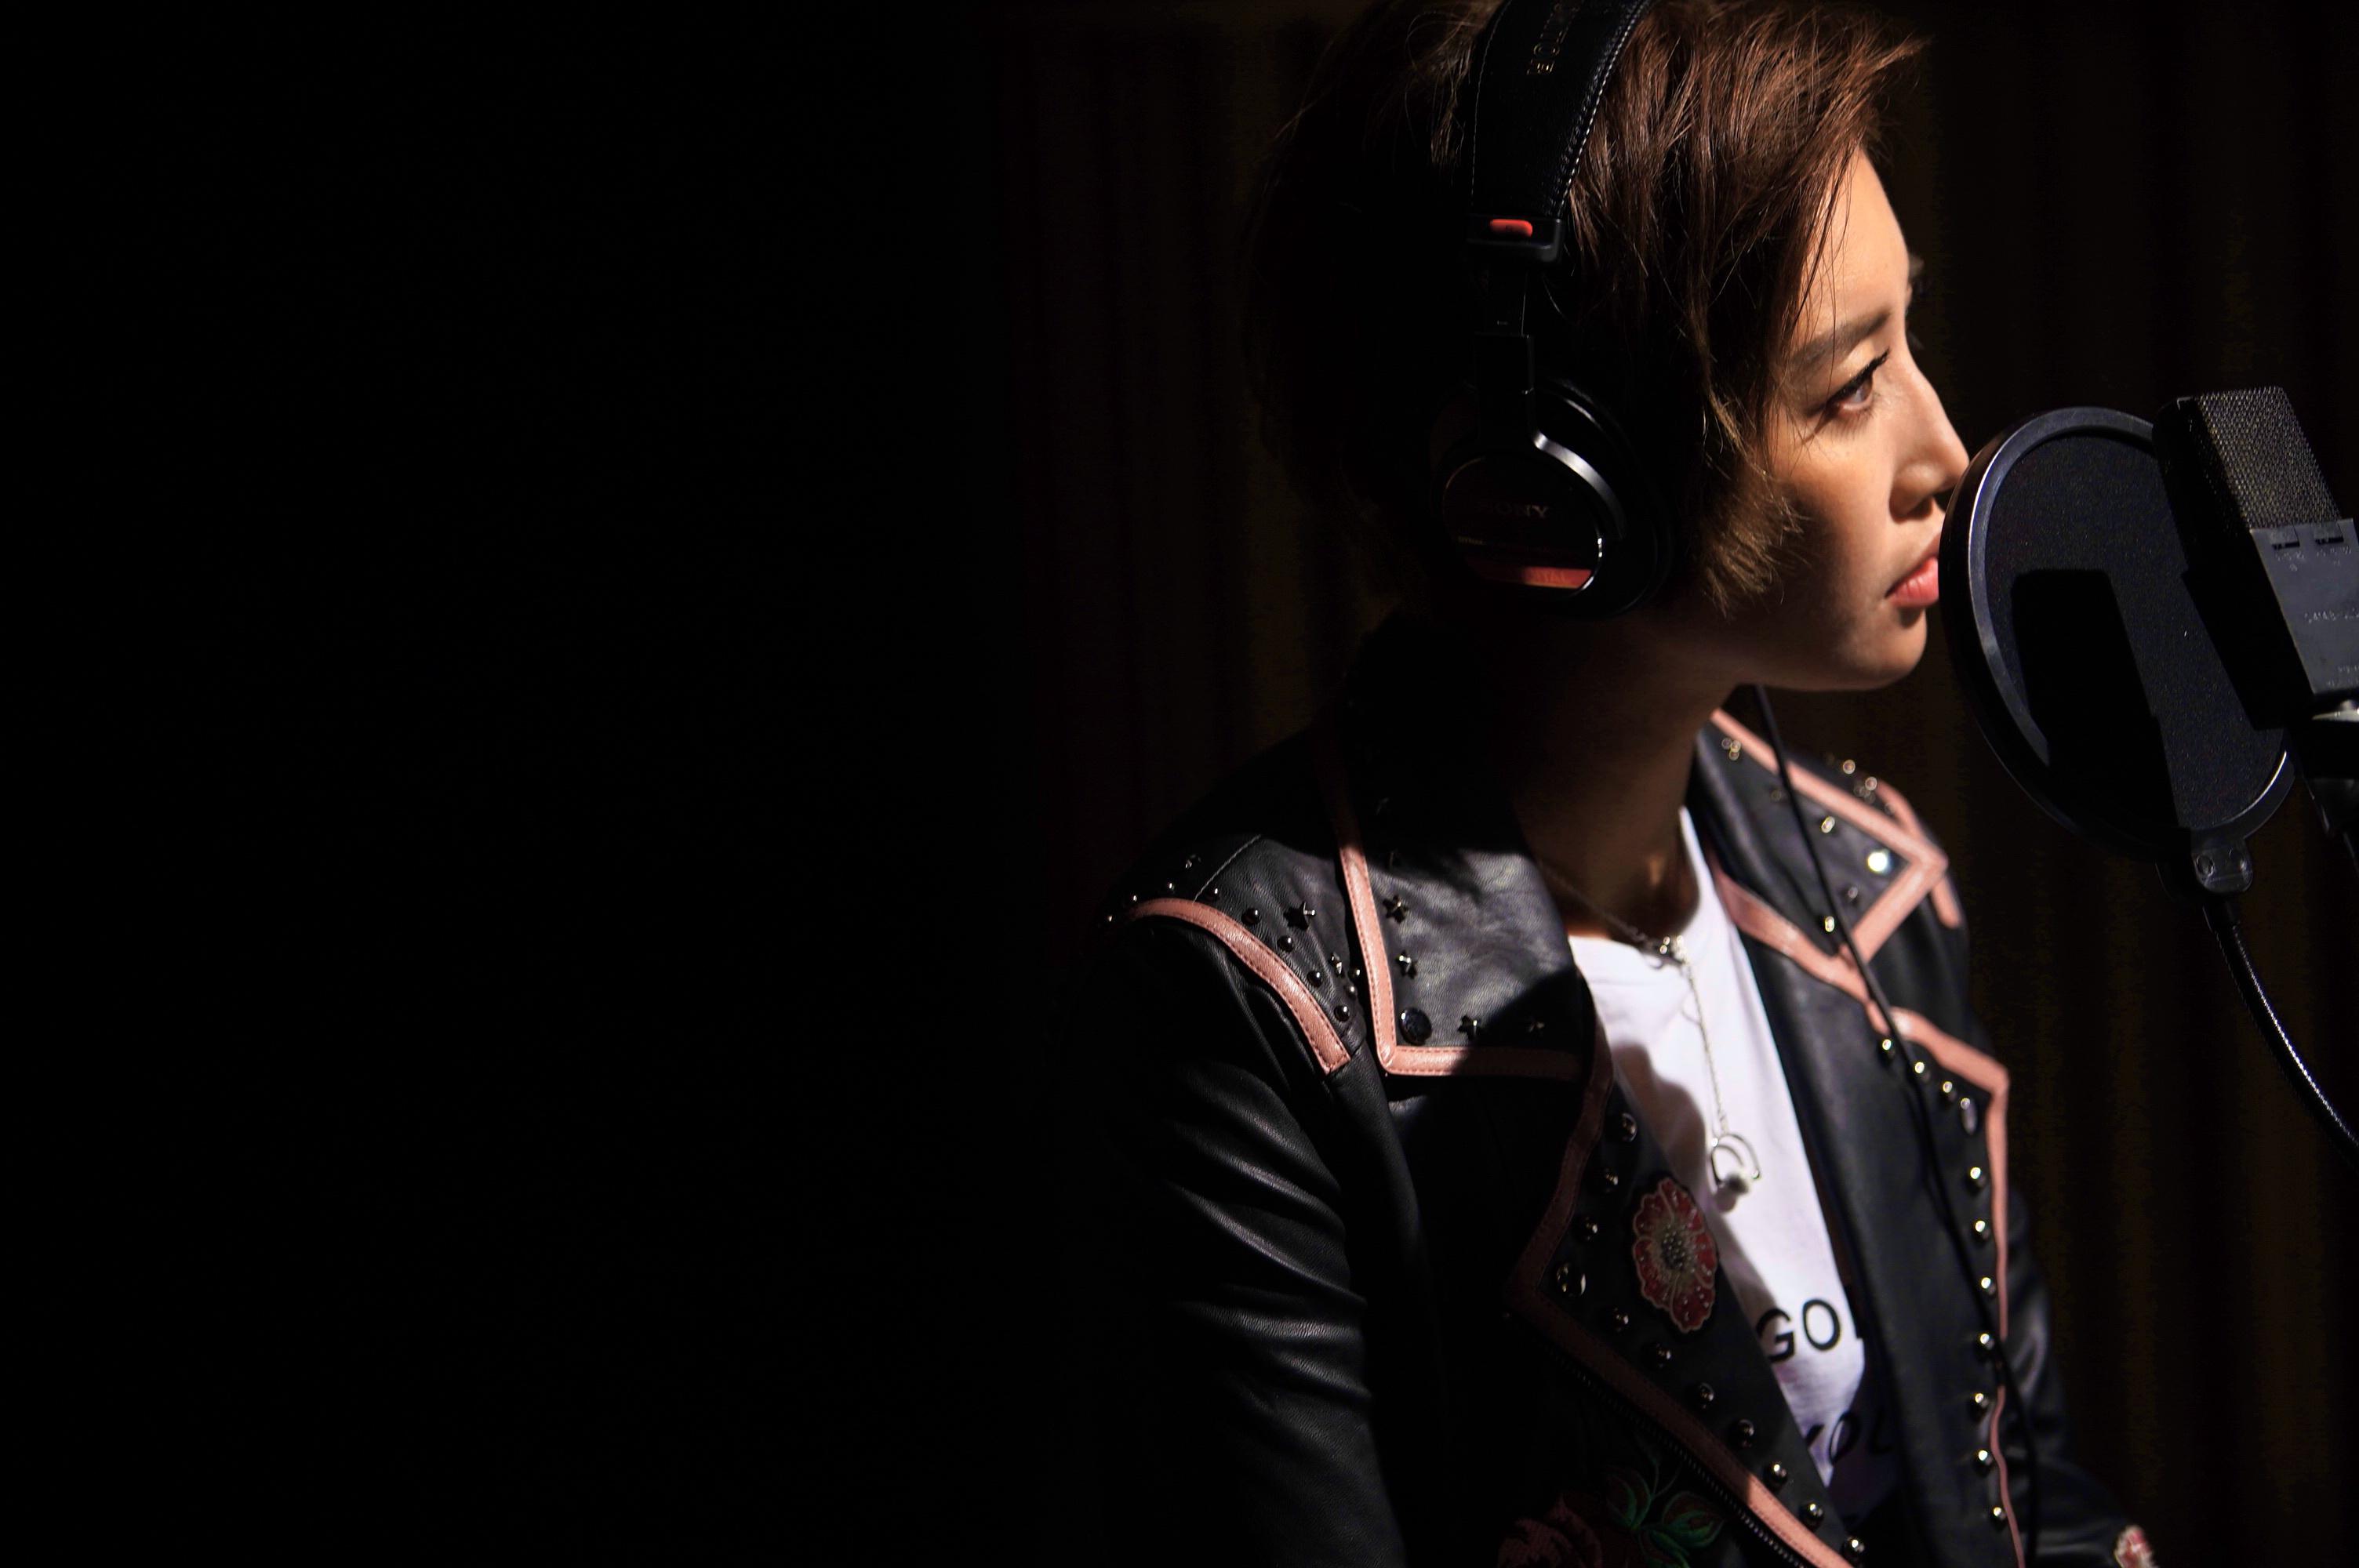 《比悲伤更悲伤的故事》揪心登场!A-Lin献唱催泪主题曲 刘以豪入戏一秒被逼哭 - 收藏派